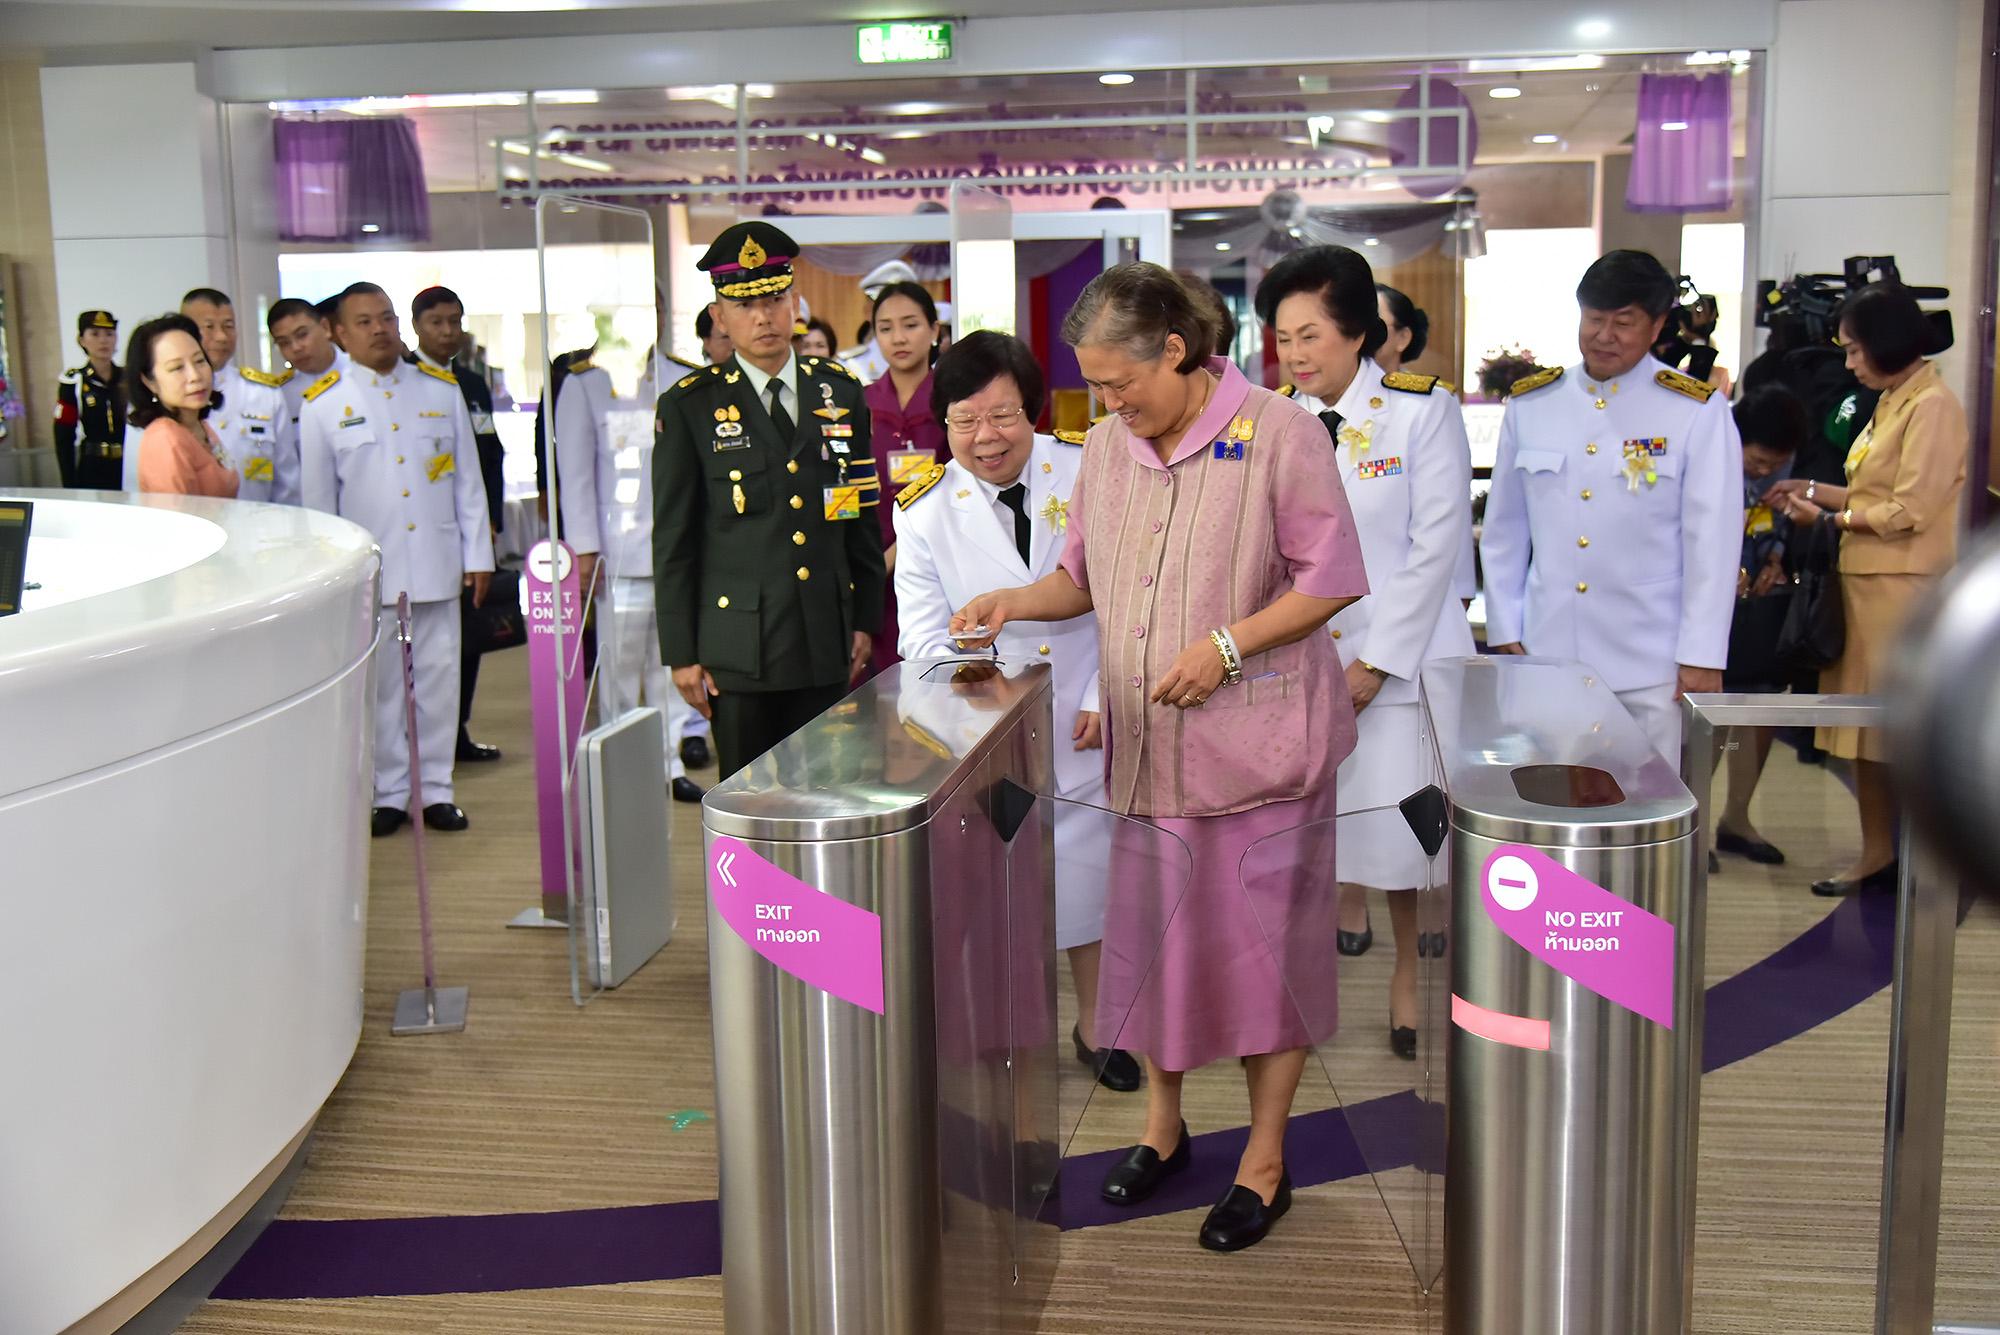 สมเด็จพระเทพรัตนราชสุดาฯ สยามบรมราชกุมารี เสด็จพระราชดำเนินไปทรงเปิดศูนย์ข้อมูลและคลังความรู้ทางการพยาบาล มหาวิทยาลัยมหิดล